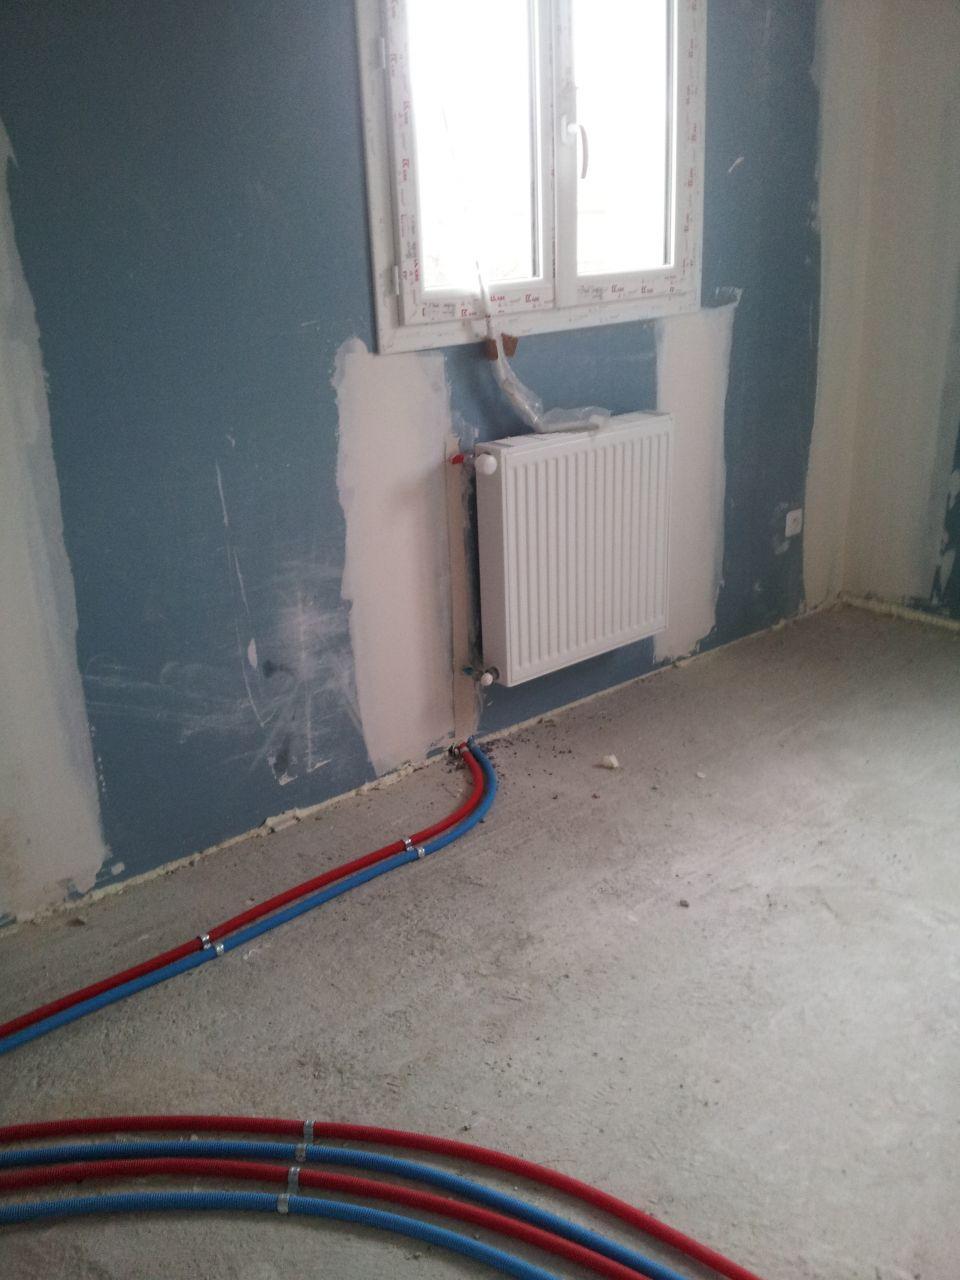 08 12 2014 travaux de plomberie termin s 08 12 2014 chauffage au sol rdc conseils de la. Black Bedroom Furniture Sets. Home Design Ideas